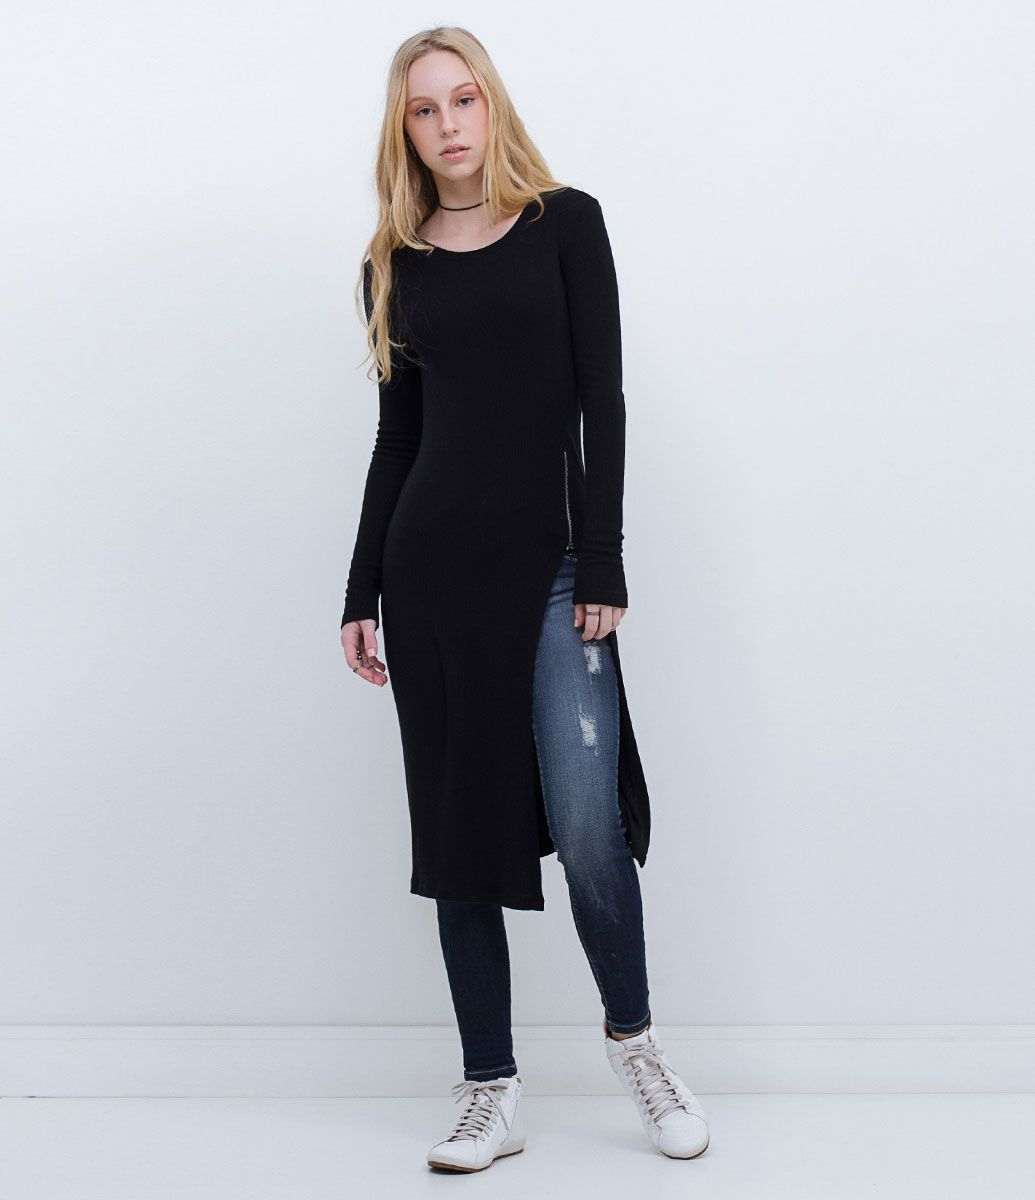 0a080f361 Blusa feminina Modelo alongada Com manga longa Fenda lateral Zíper lateral  Marca: Blue Steel Tecido: malha Modelo veste tamanho: P Medidas da modelo:  ...